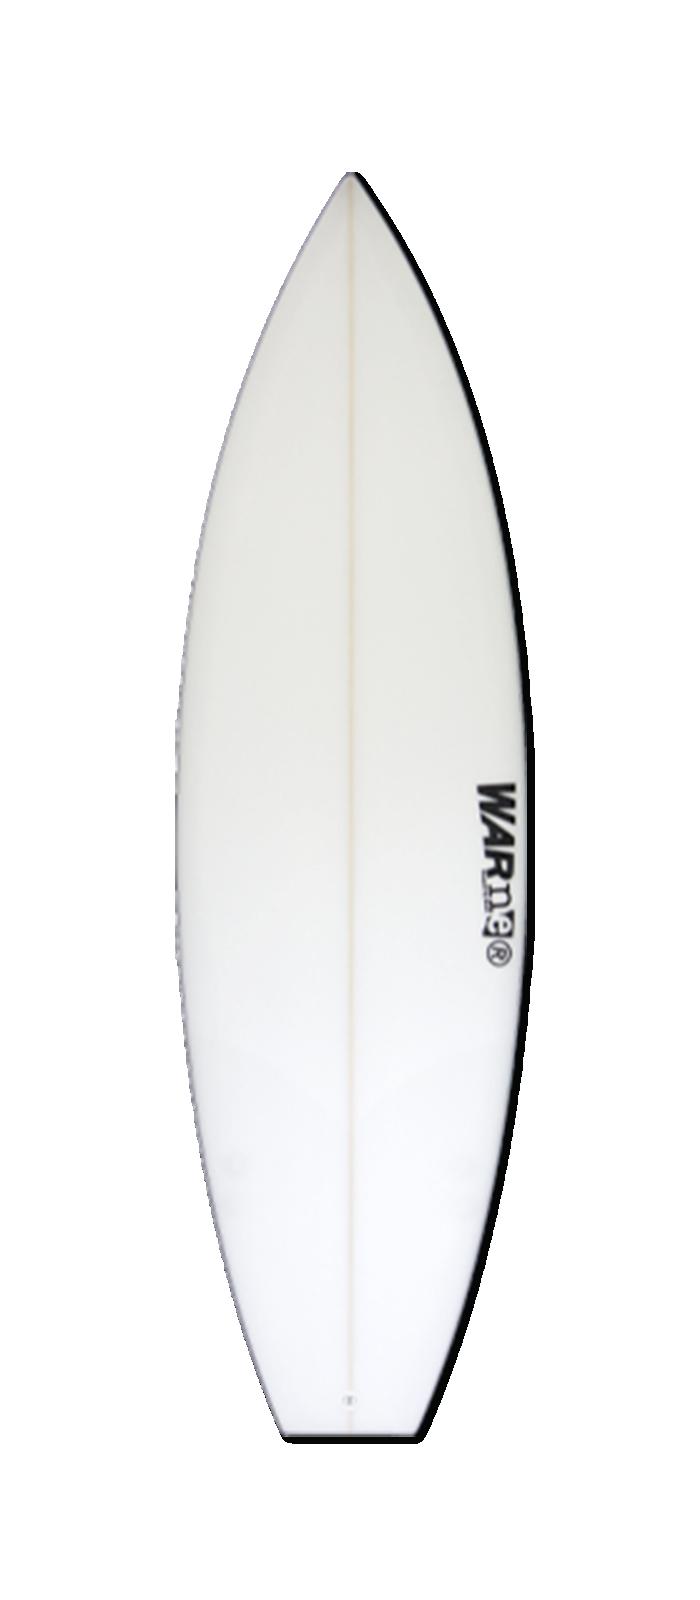 EVIL TWIN surfboard model